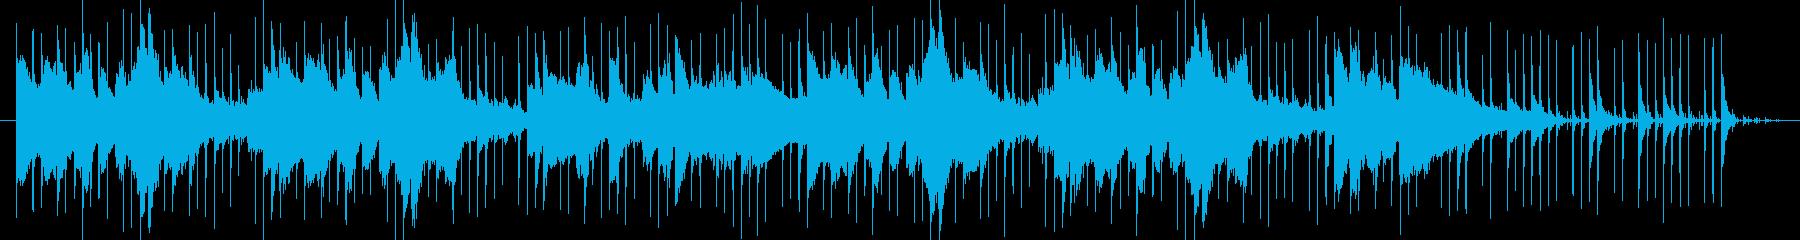 エスニック風の怪しいBGMの再生済みの波形